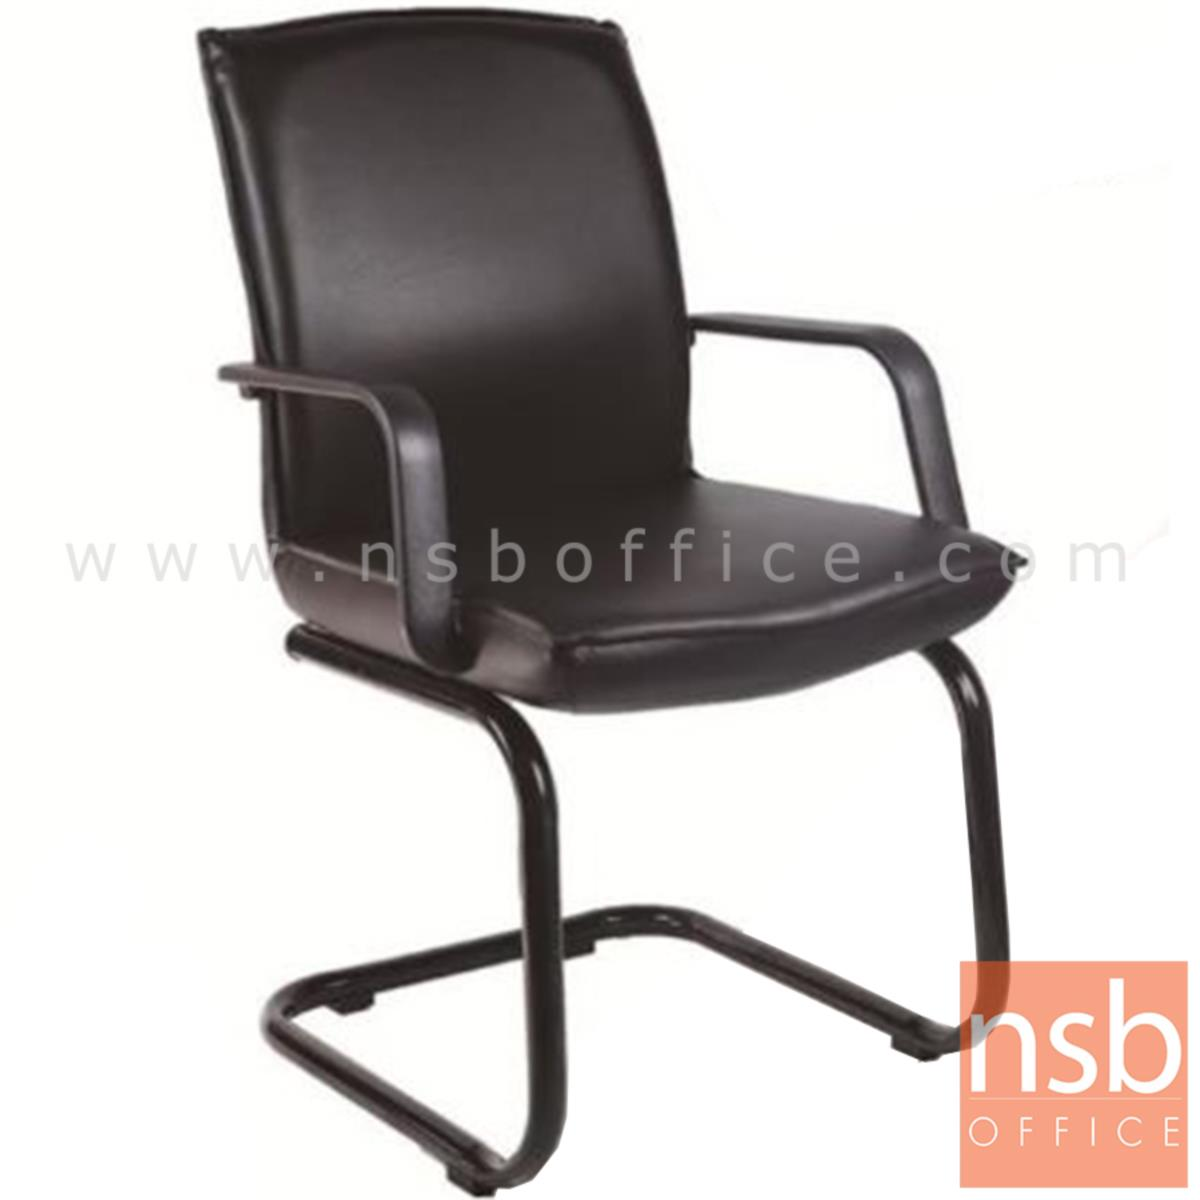 B04A183:เก้าอี้รับแขกขาตัวซี รุ่น Allamanda (แอลลาแมนด้า)  ขาเหล็กพ่นดำ